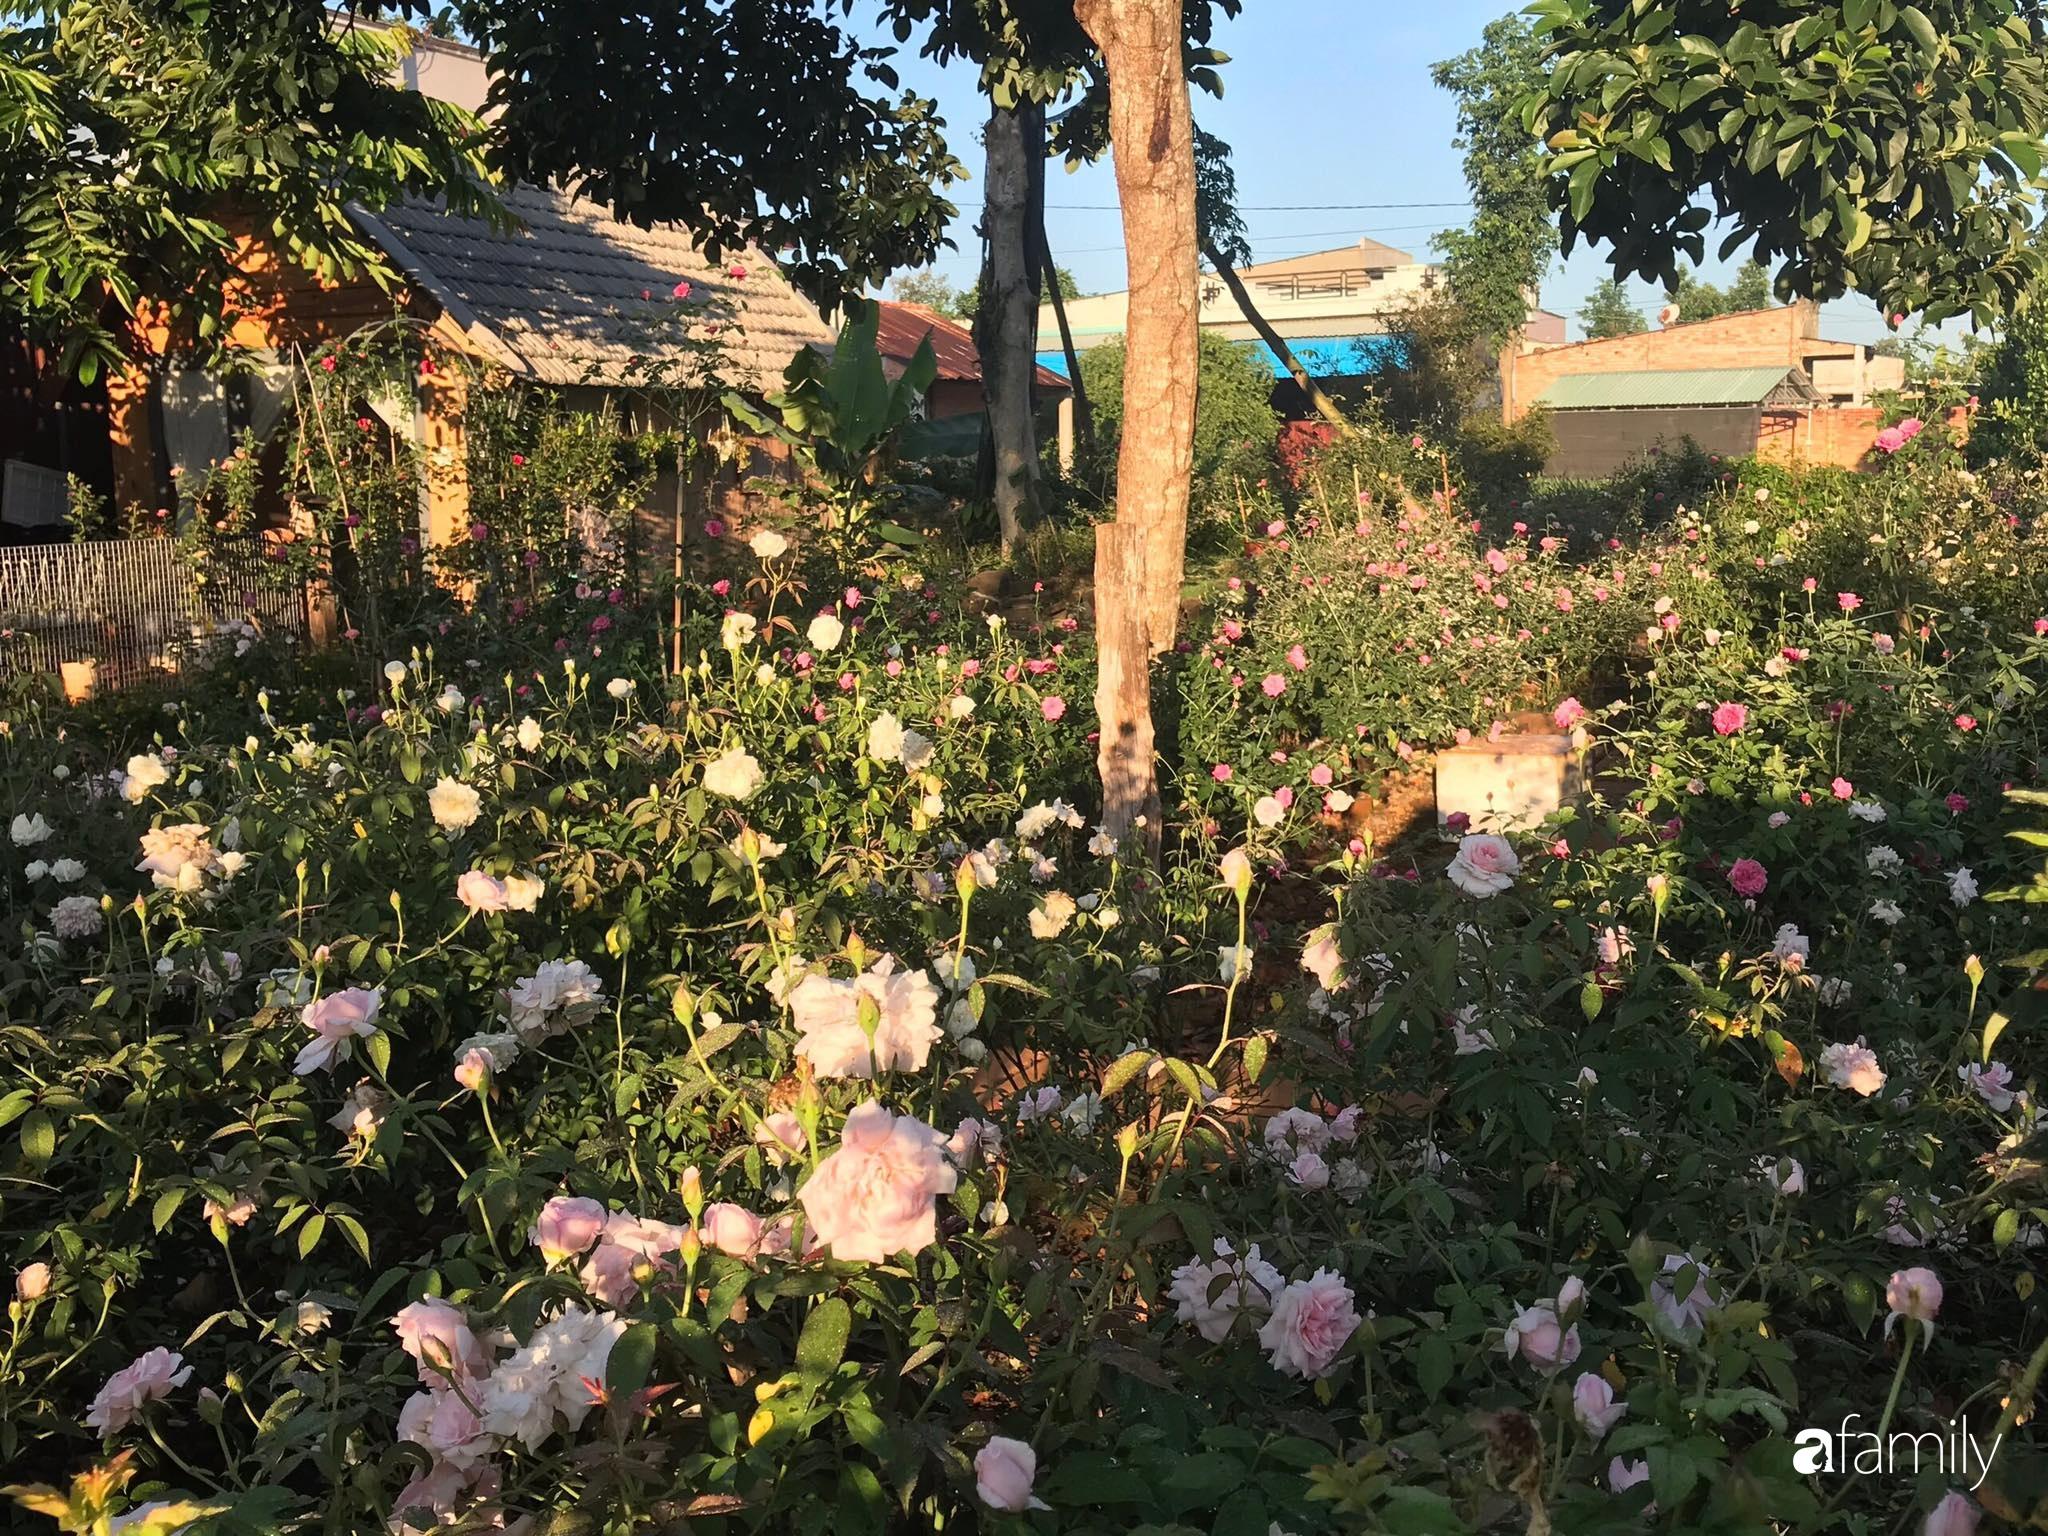 Khu vườn hoa hồng đẹp như cổ tích mà người chồng ngày đêm chăm sóc để tặng vợ con ở Vũng Tàu-11